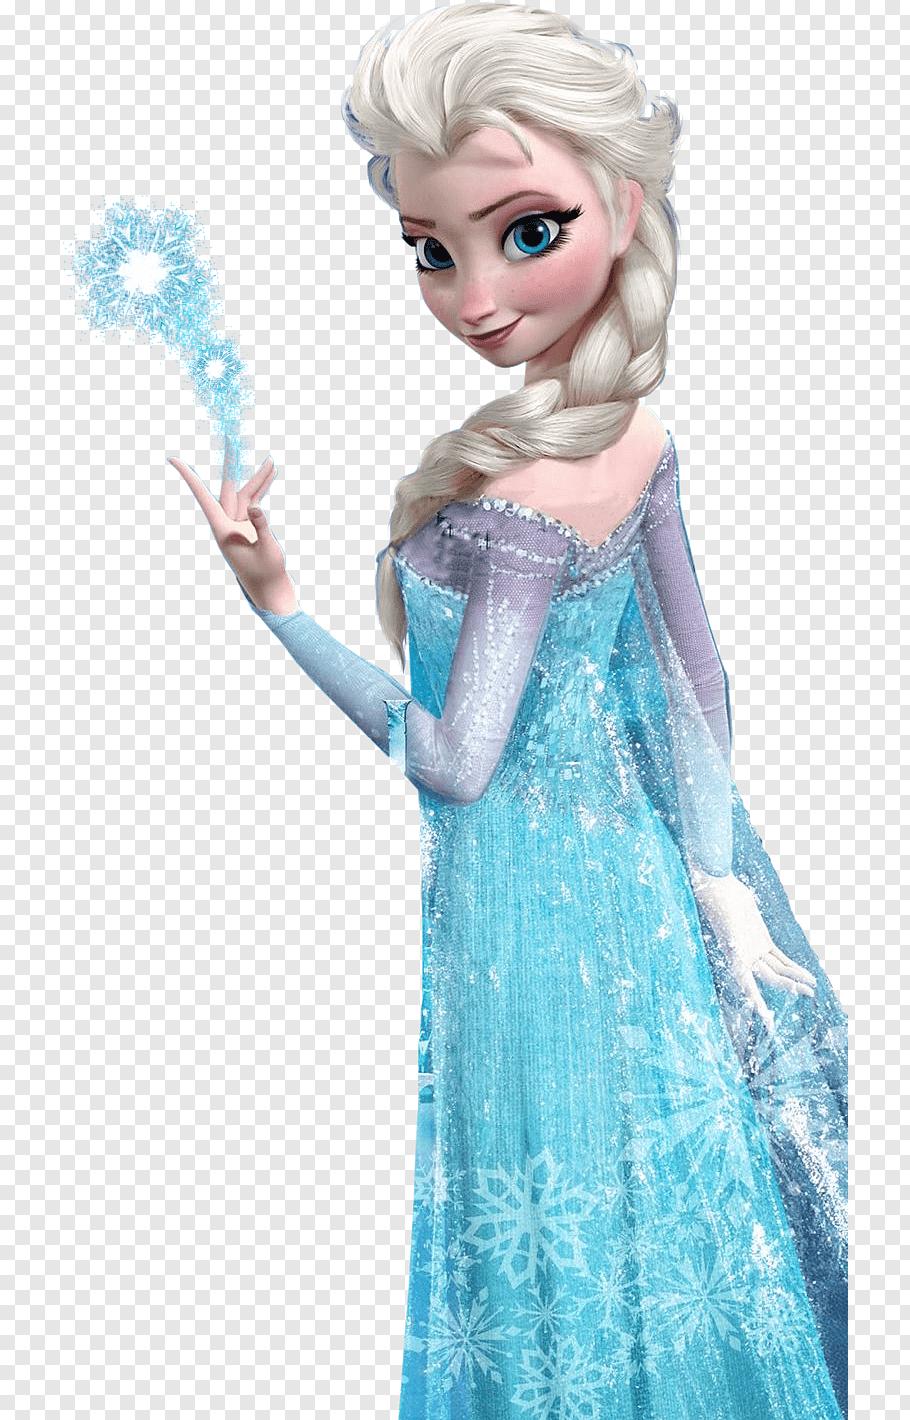 Elsa Frozen Anna Children S Clothing Frozen Princess Elsa Illustration Free Png Elsa Frozen Elsa Cake Toppers Frozen Images